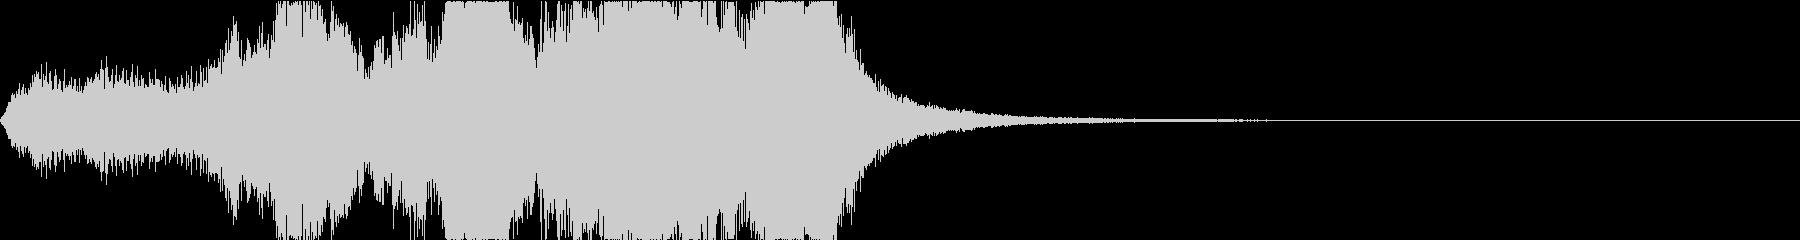 ゲーム向けファンファーレの未再生の波形